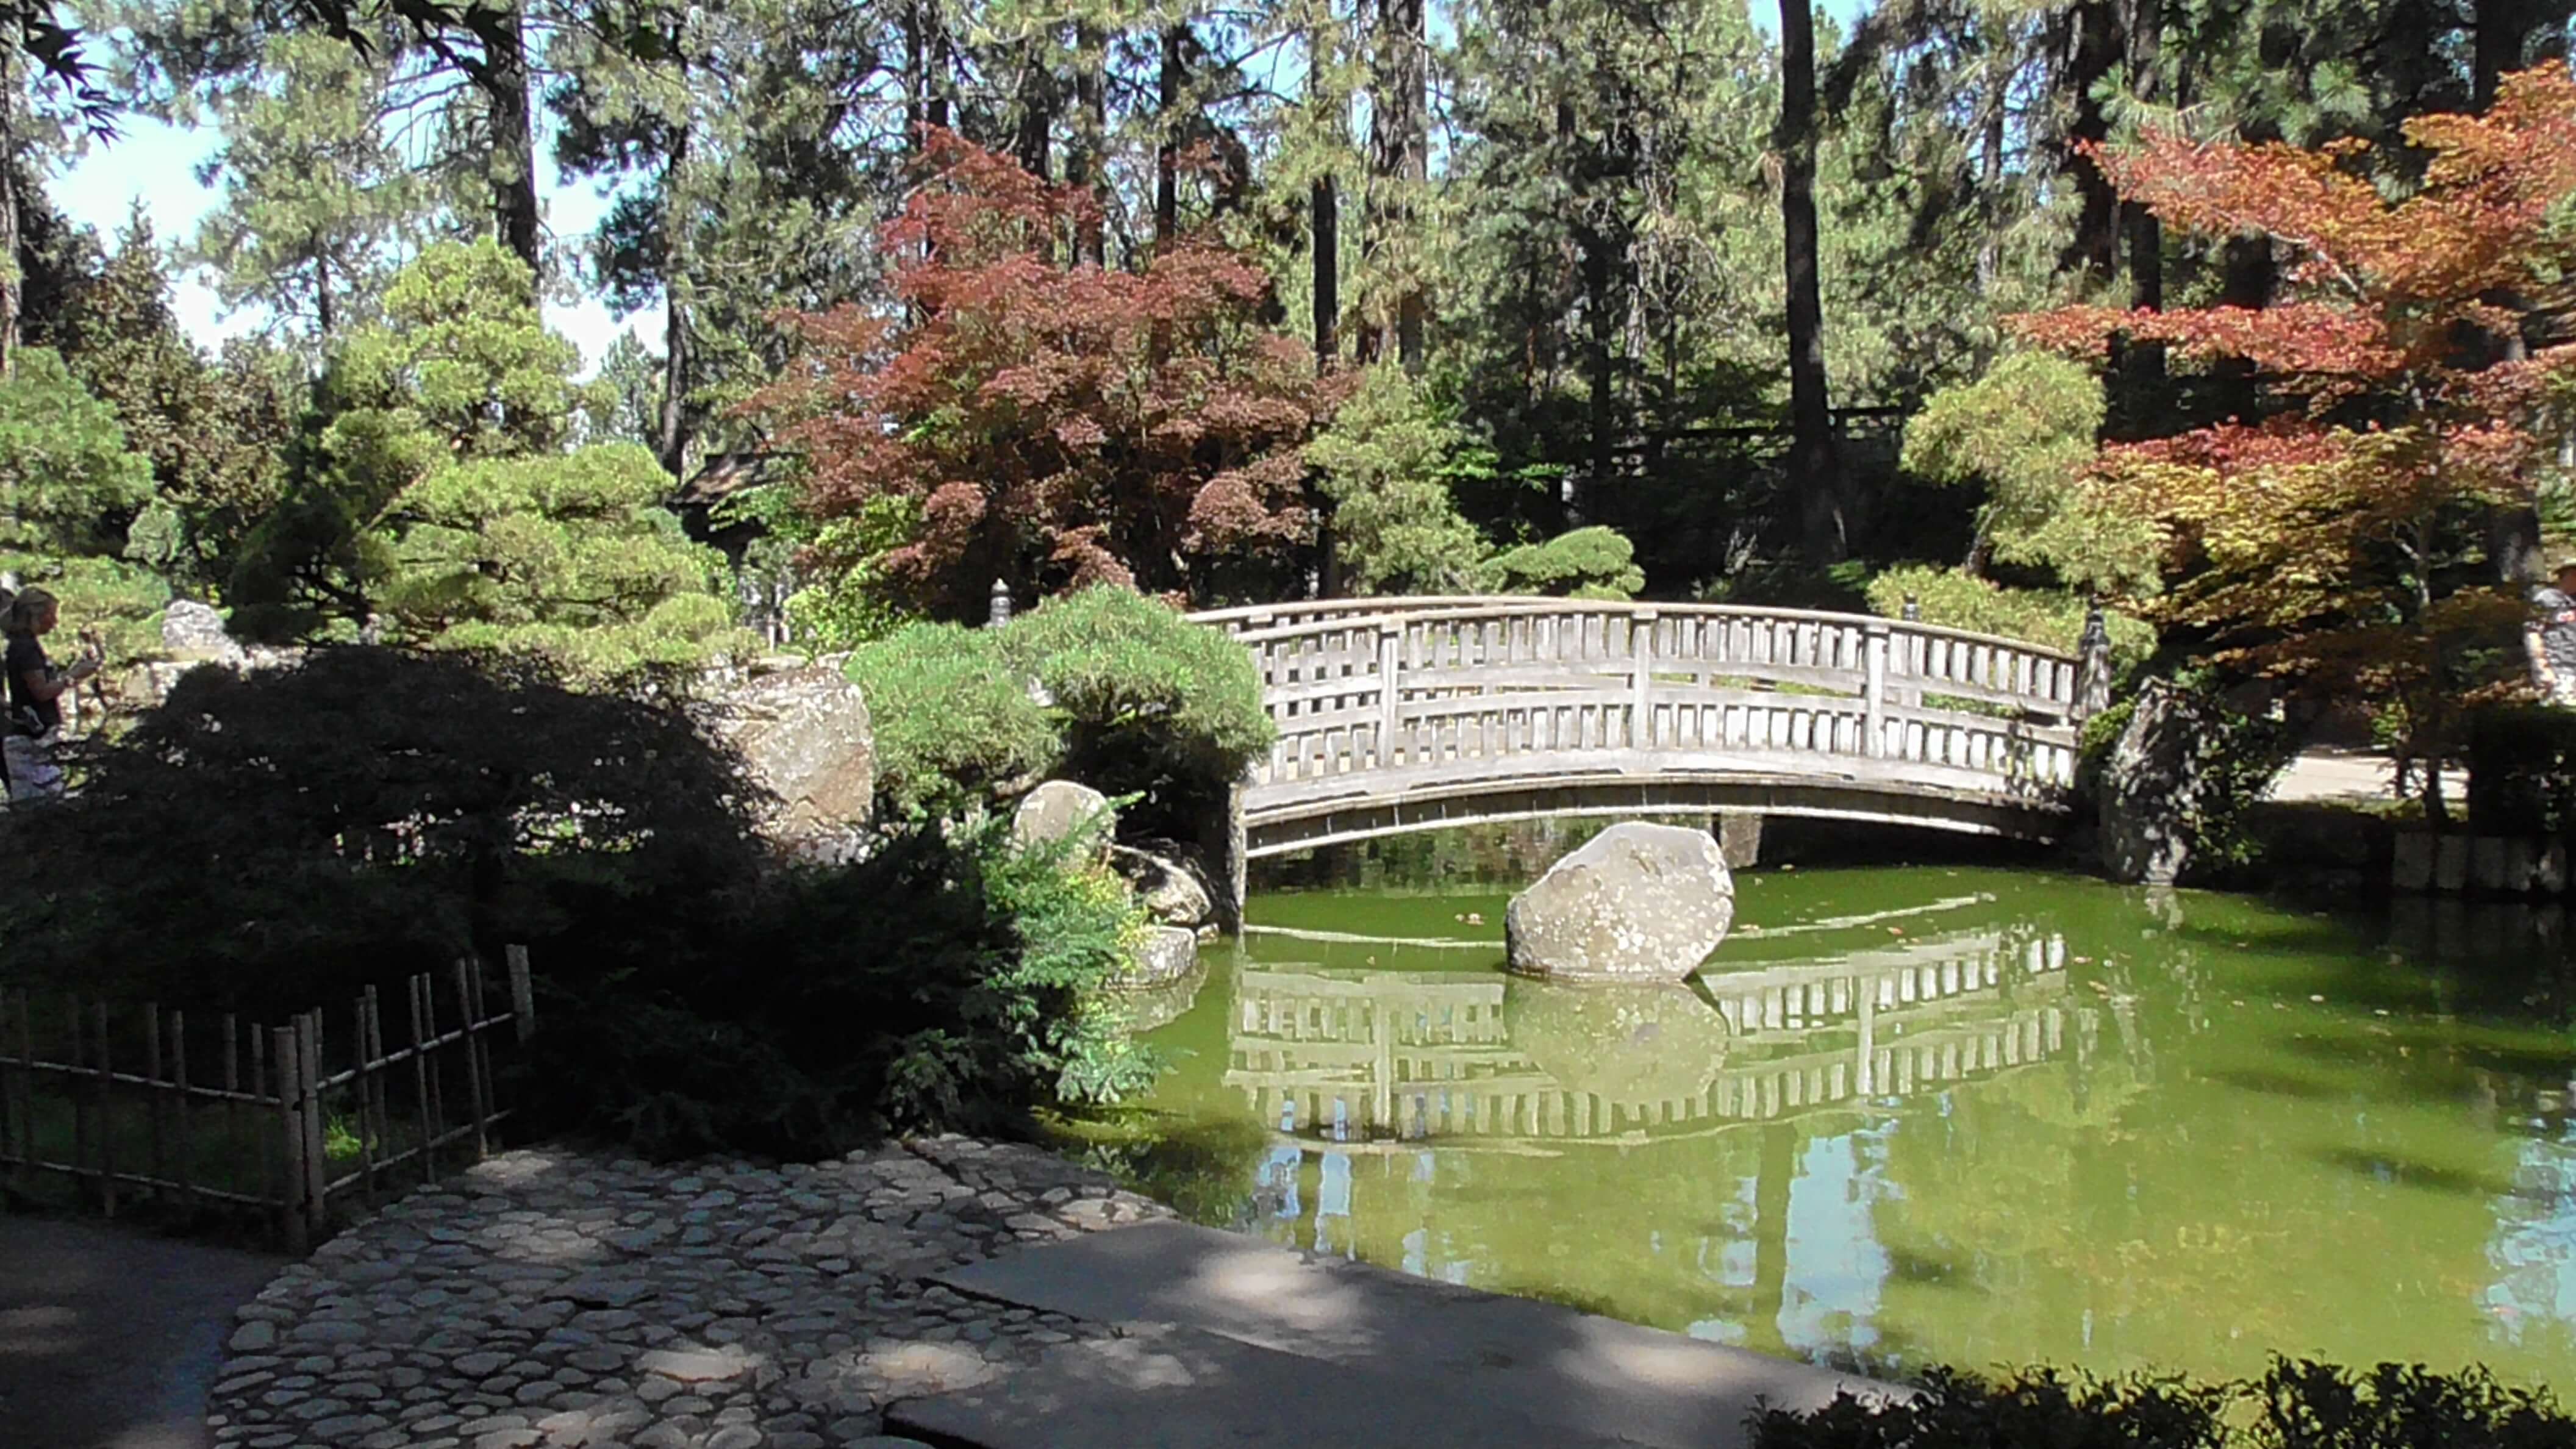 Nishinomiya Tsutakawa Japanese Garden, Spokane, Washington